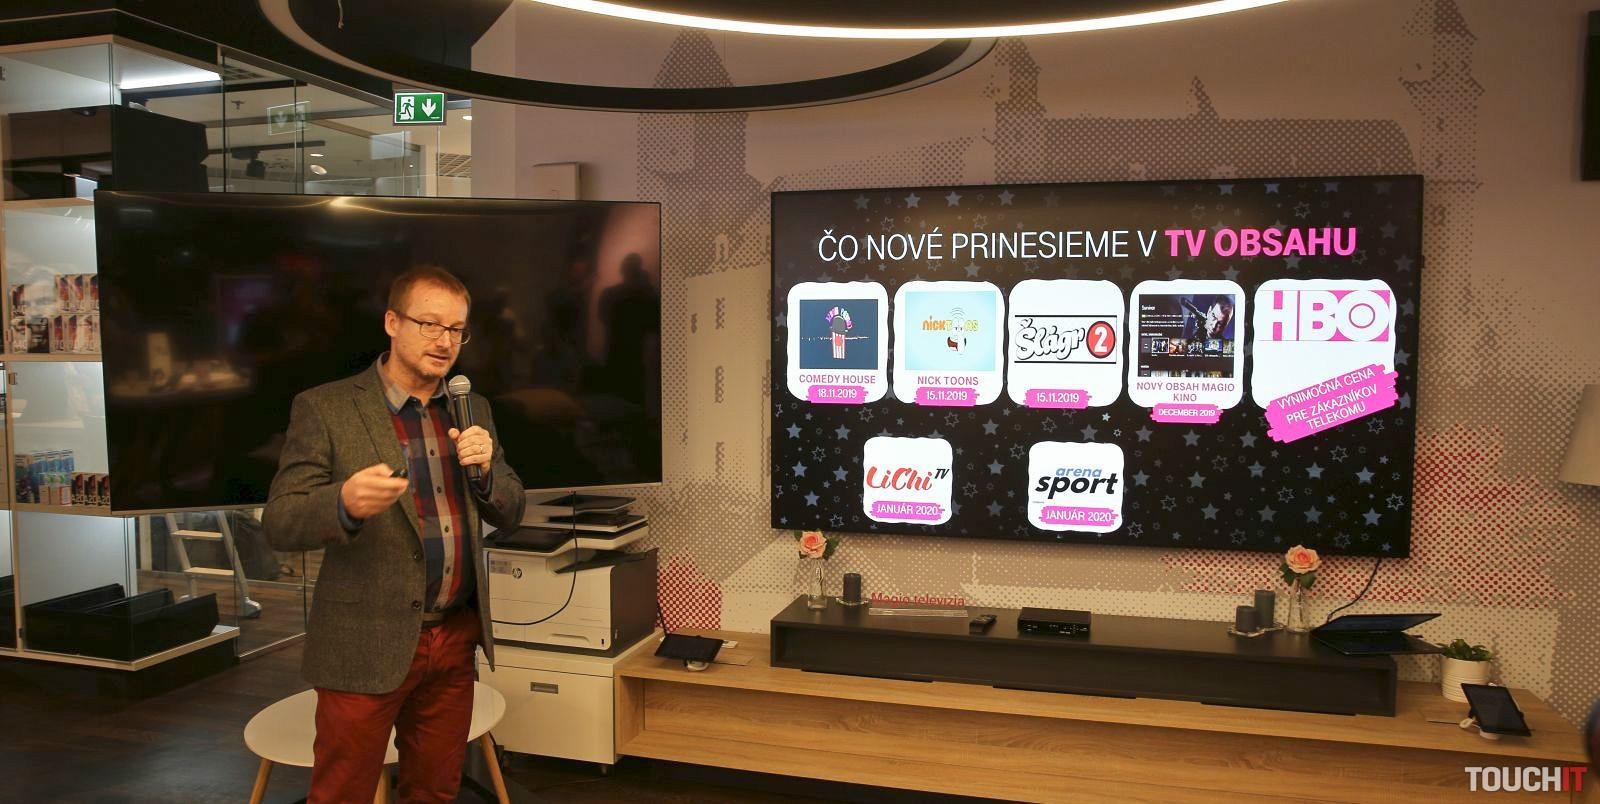 Telekom rozširuje ponuku TV kanálov pre Magio TV